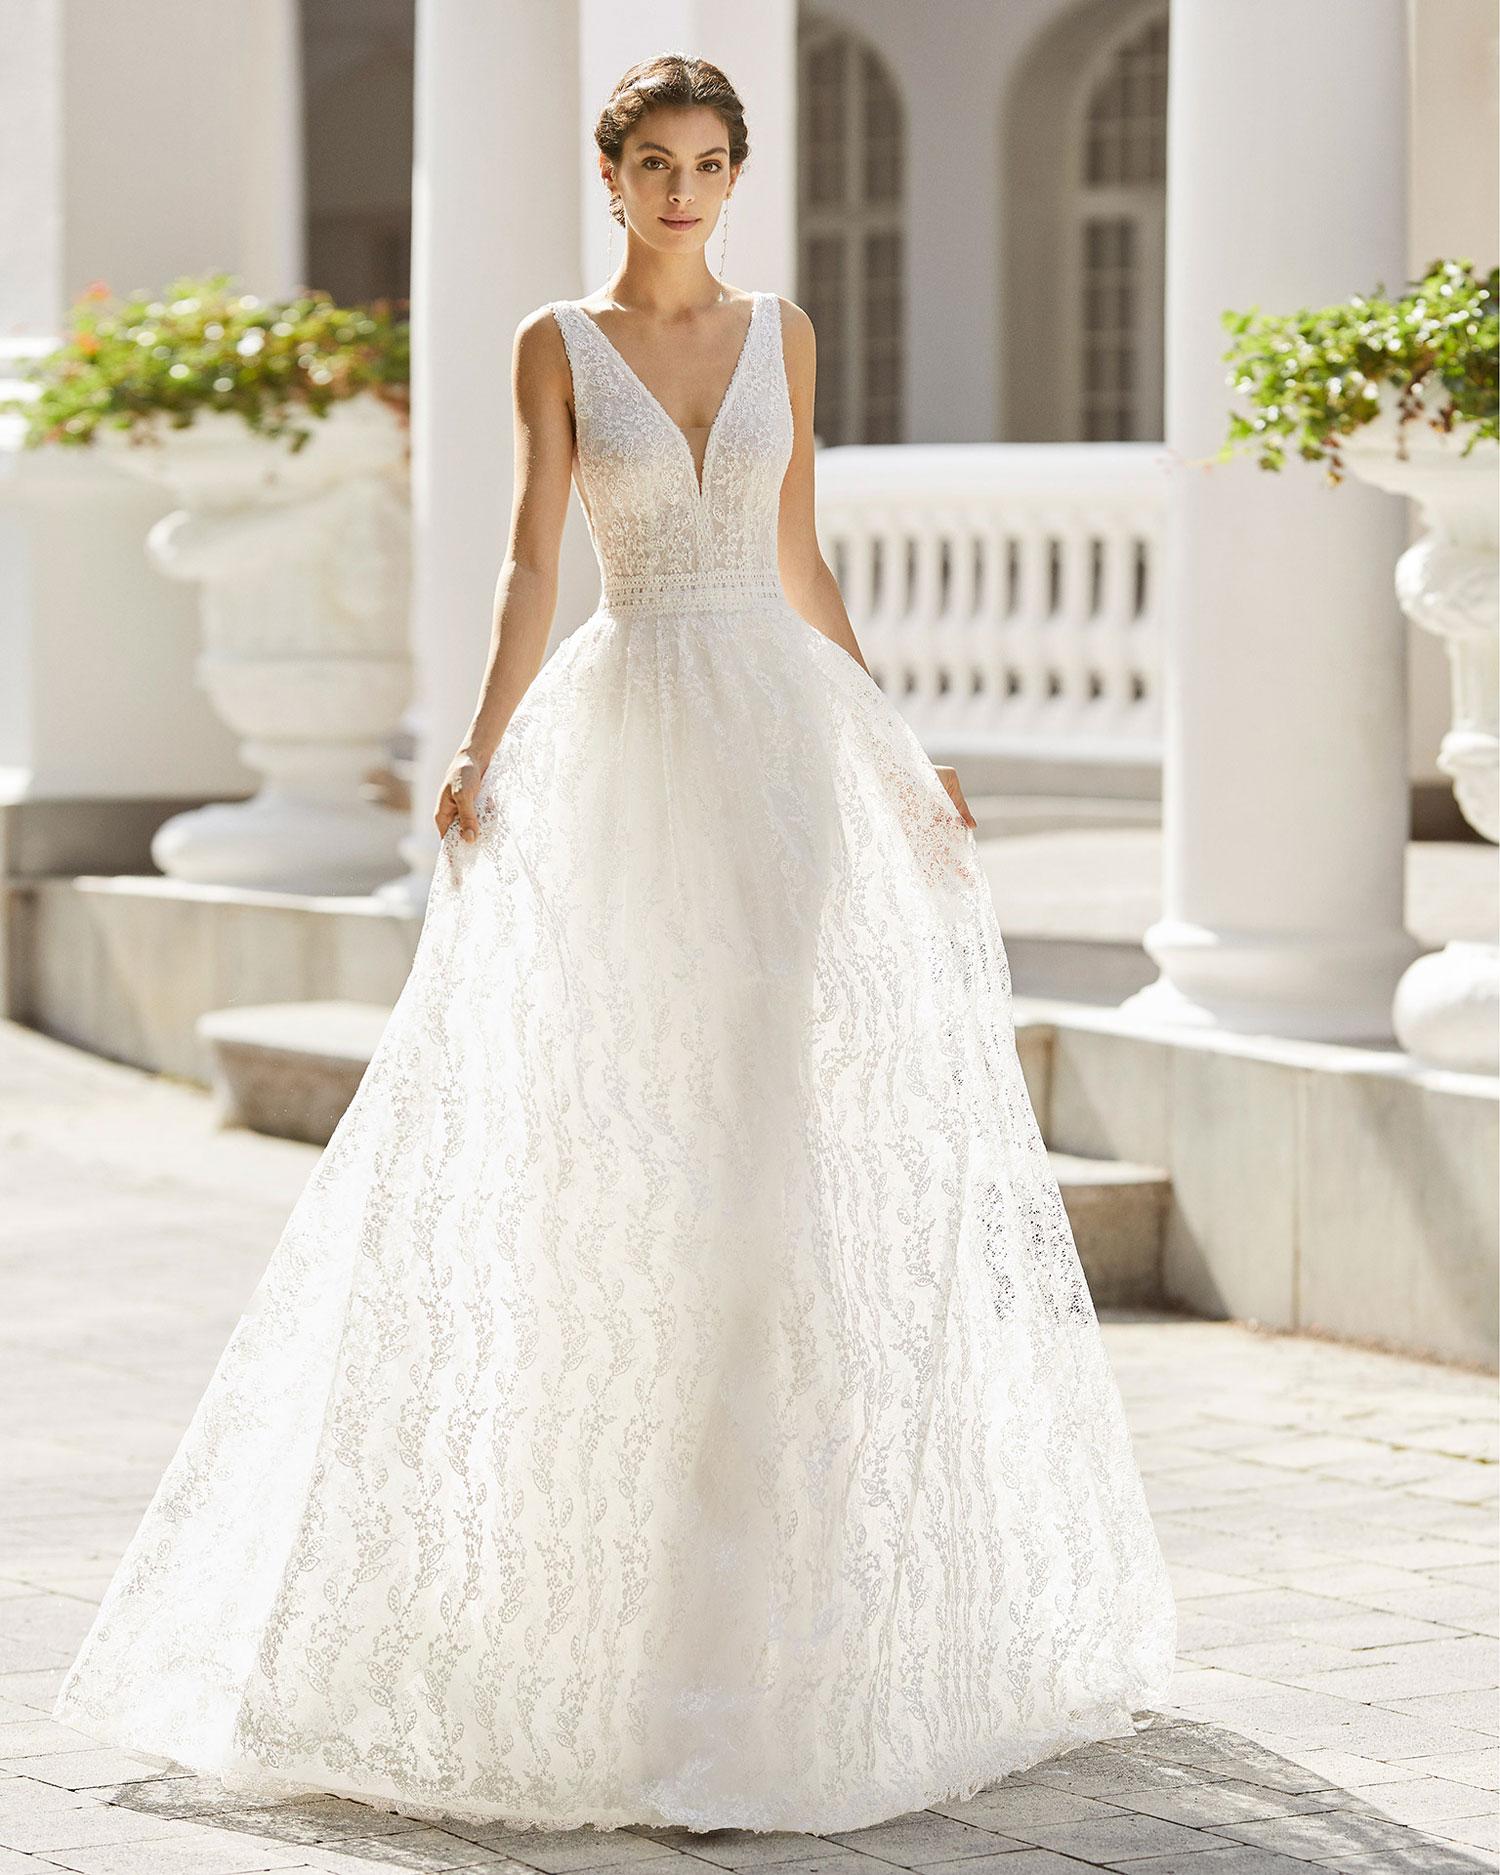 Rosa Clarà 2022 abito vestito sposa Vicenza SANSY